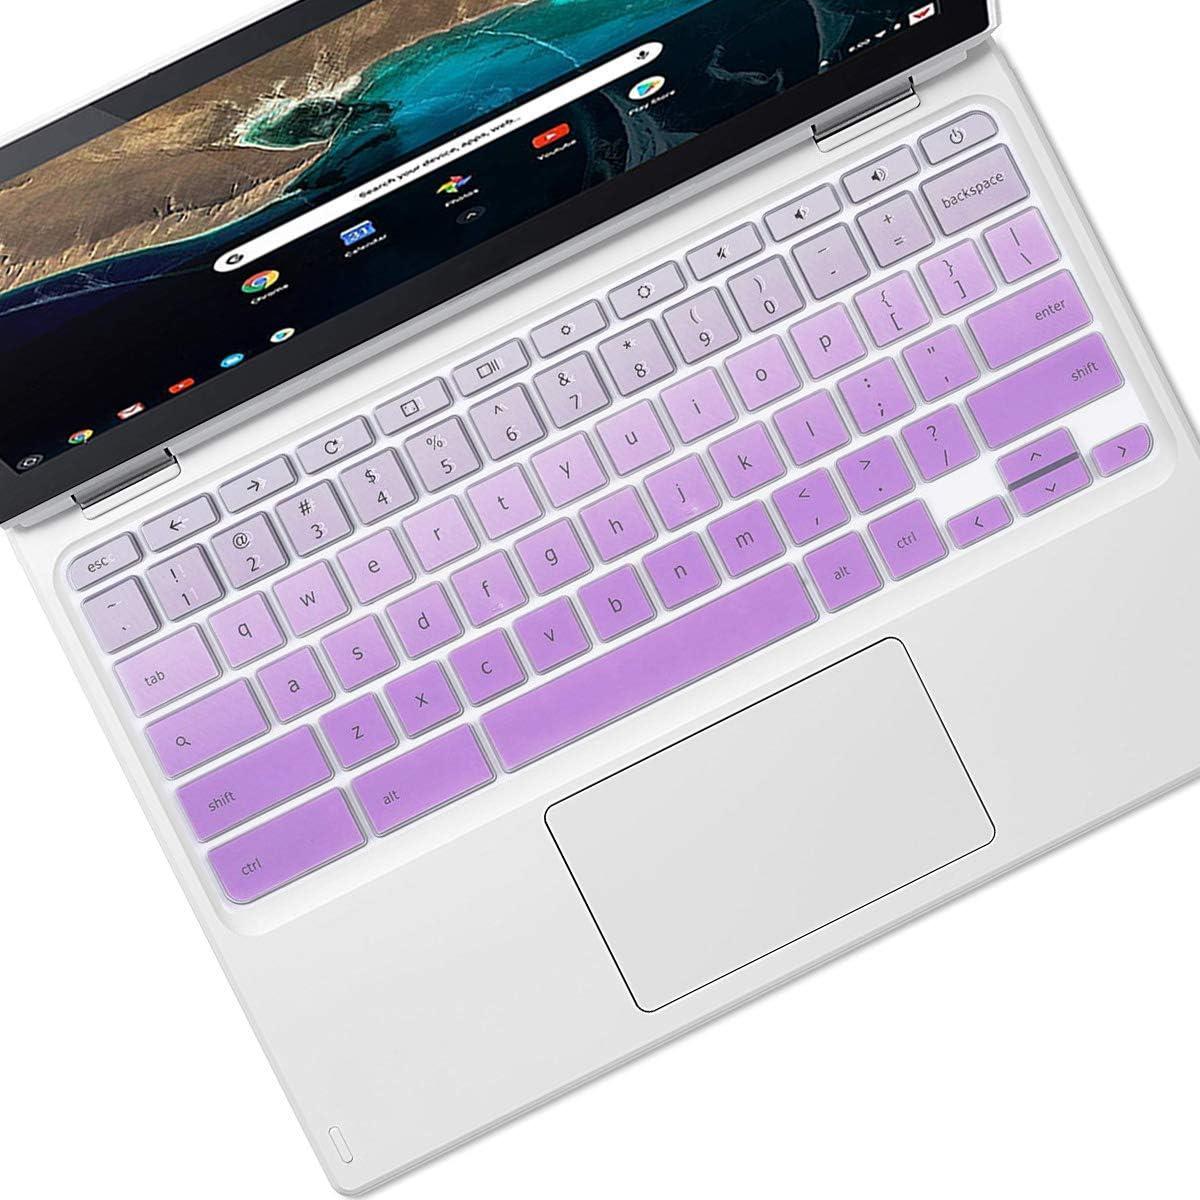 """Keyboard Cover Skin Design for 2020 2019 Lenovo Chromebook C330 11.6""""  Lenovo Flex 11 Chromebook 11.6""""  Lenovo Chromebook N20 N21 N22 N23 100e 300e 500e 11.6""""  Lenovo Chromebook N42 14"""", GradualPurple"""